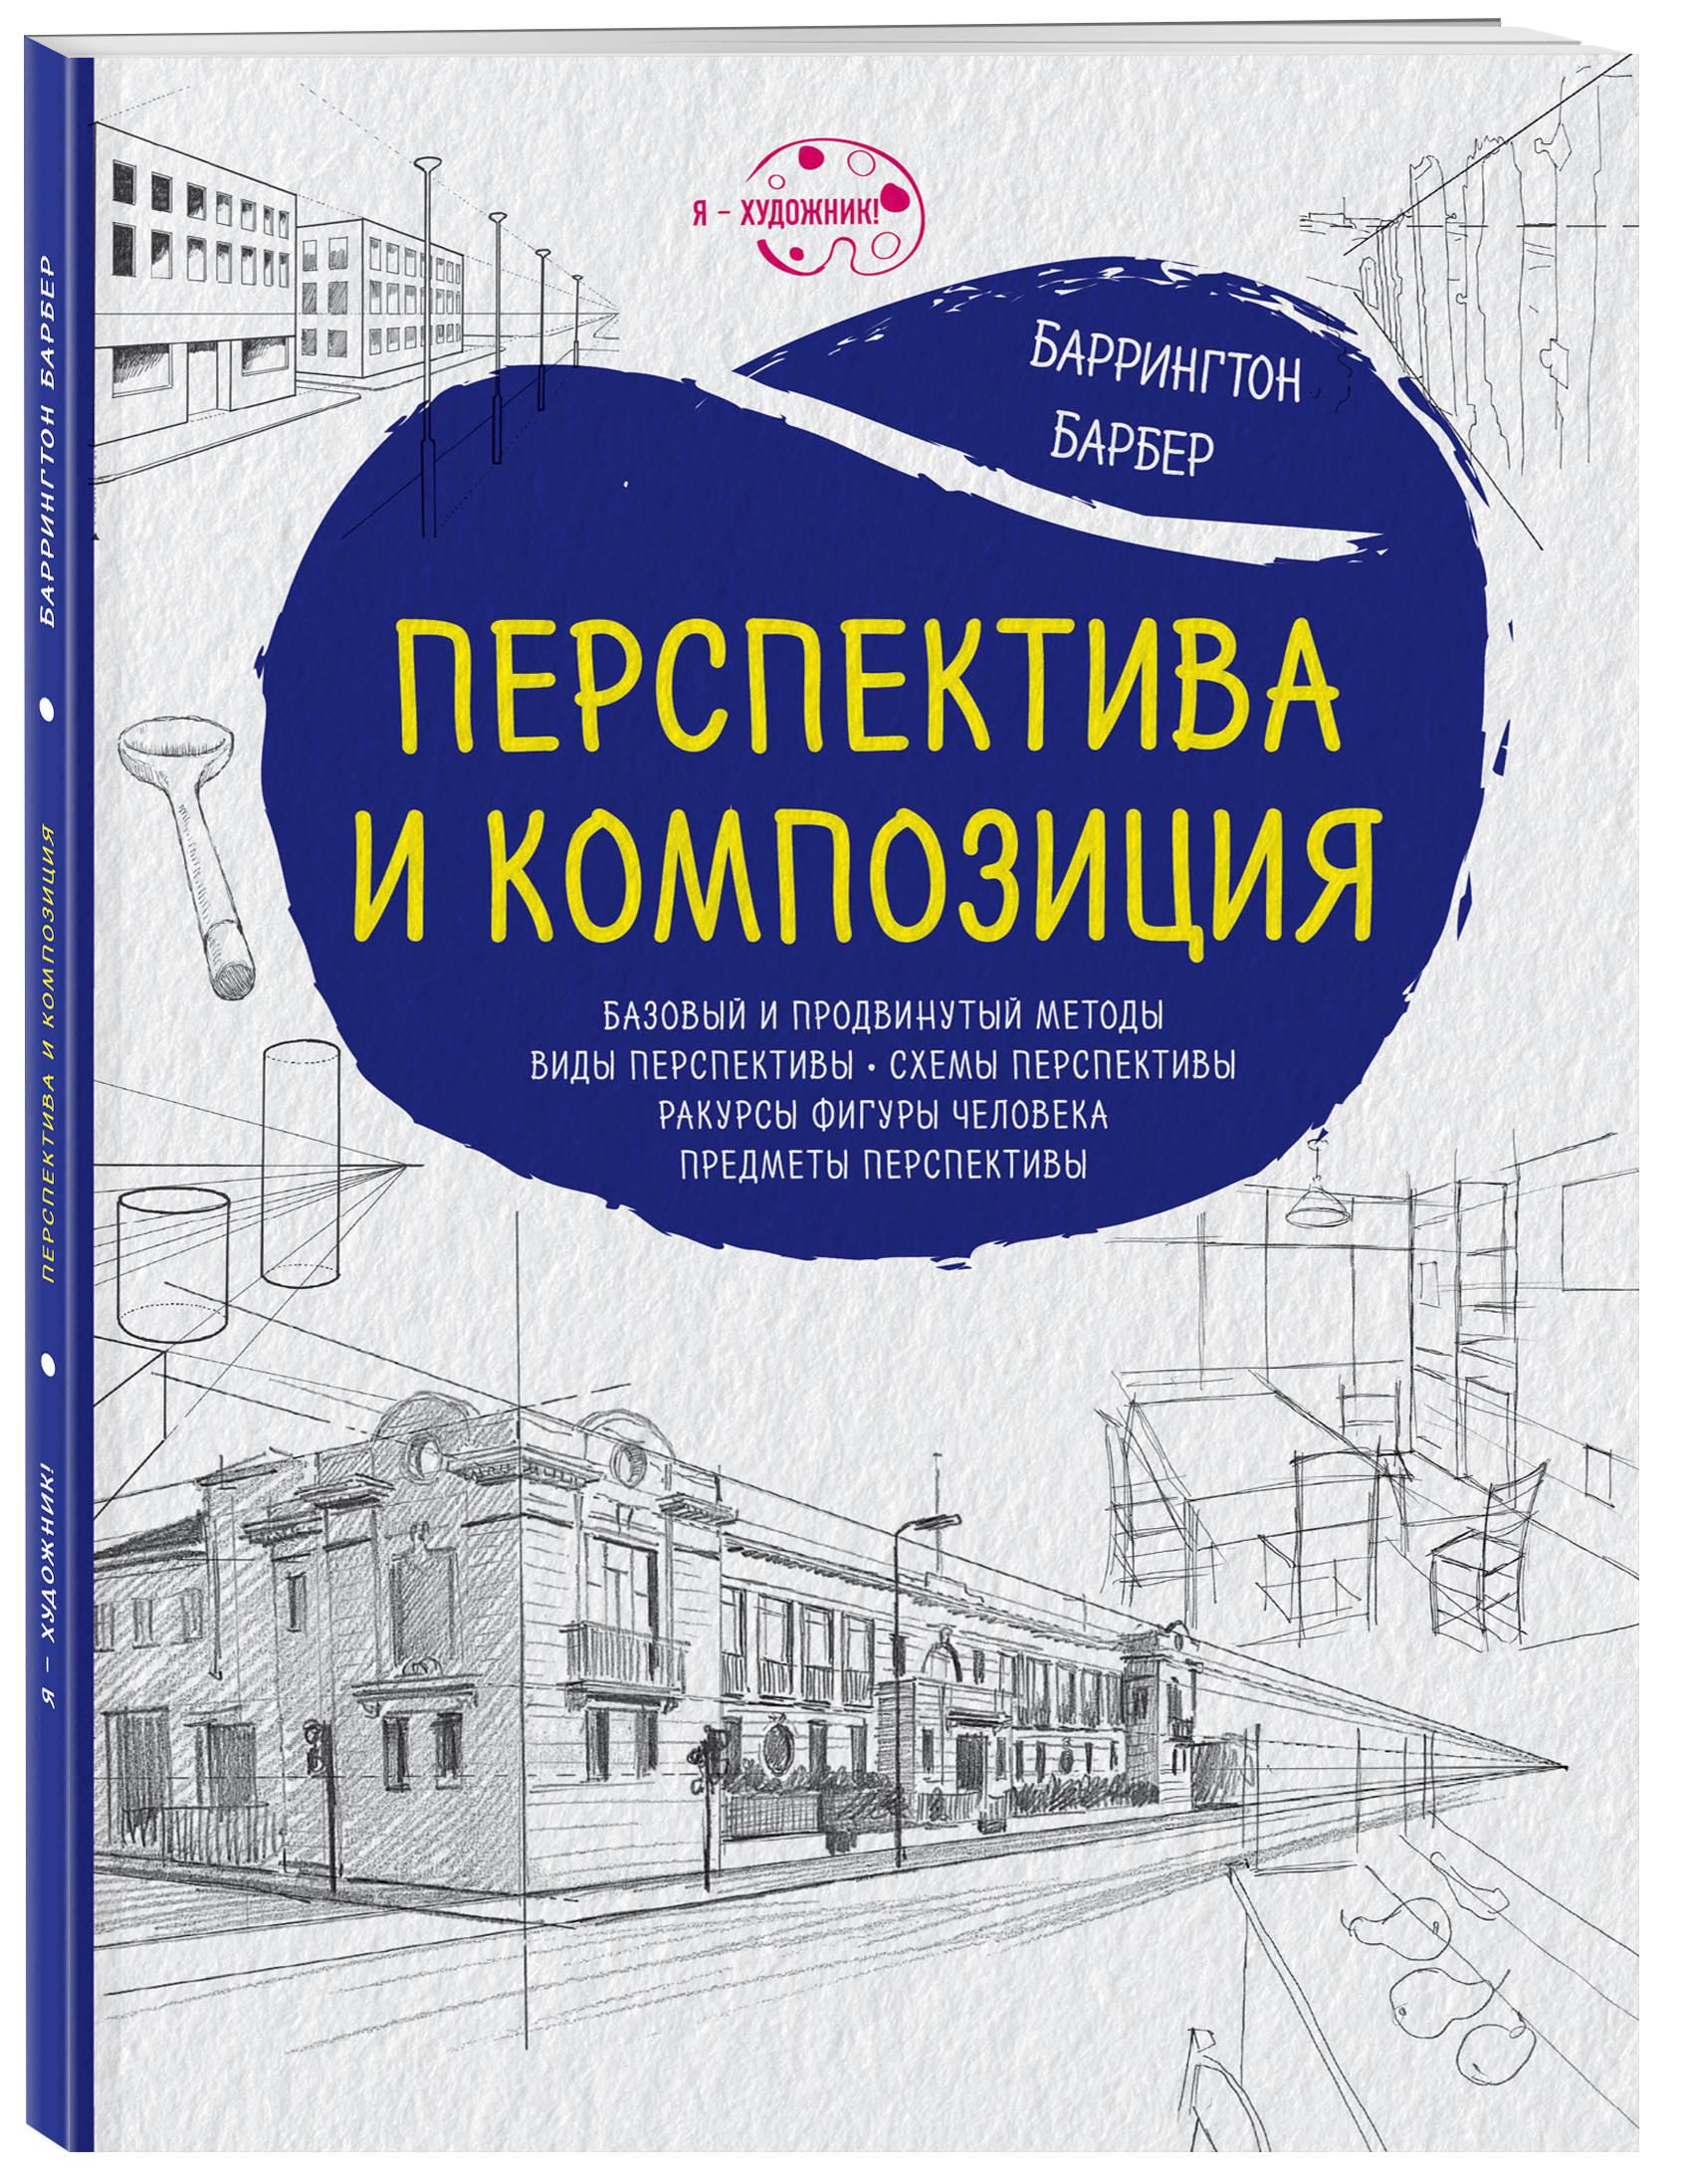 Барбер Б. Перспектива и композиция (нов.оф.) ISBN: 978-5-04-096346-1 перспектива и композиция в примерах